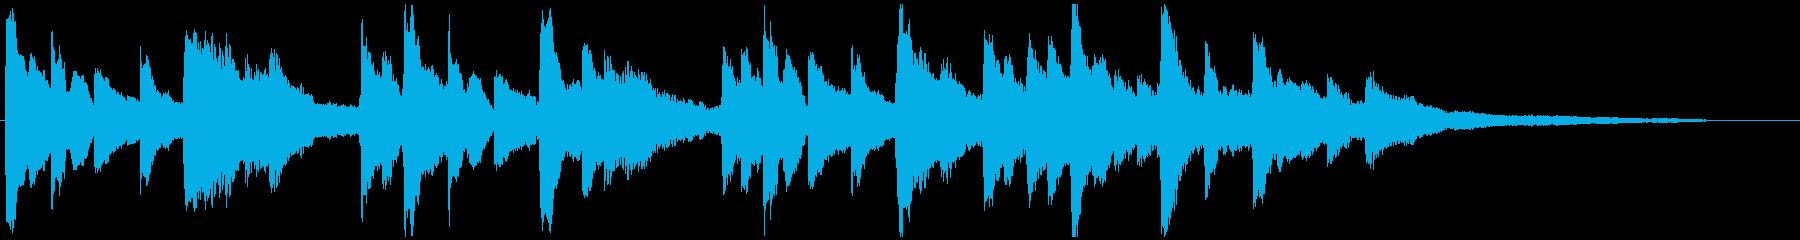 ゆったり優しいピアノのジングル 30秒の再生済みの波形